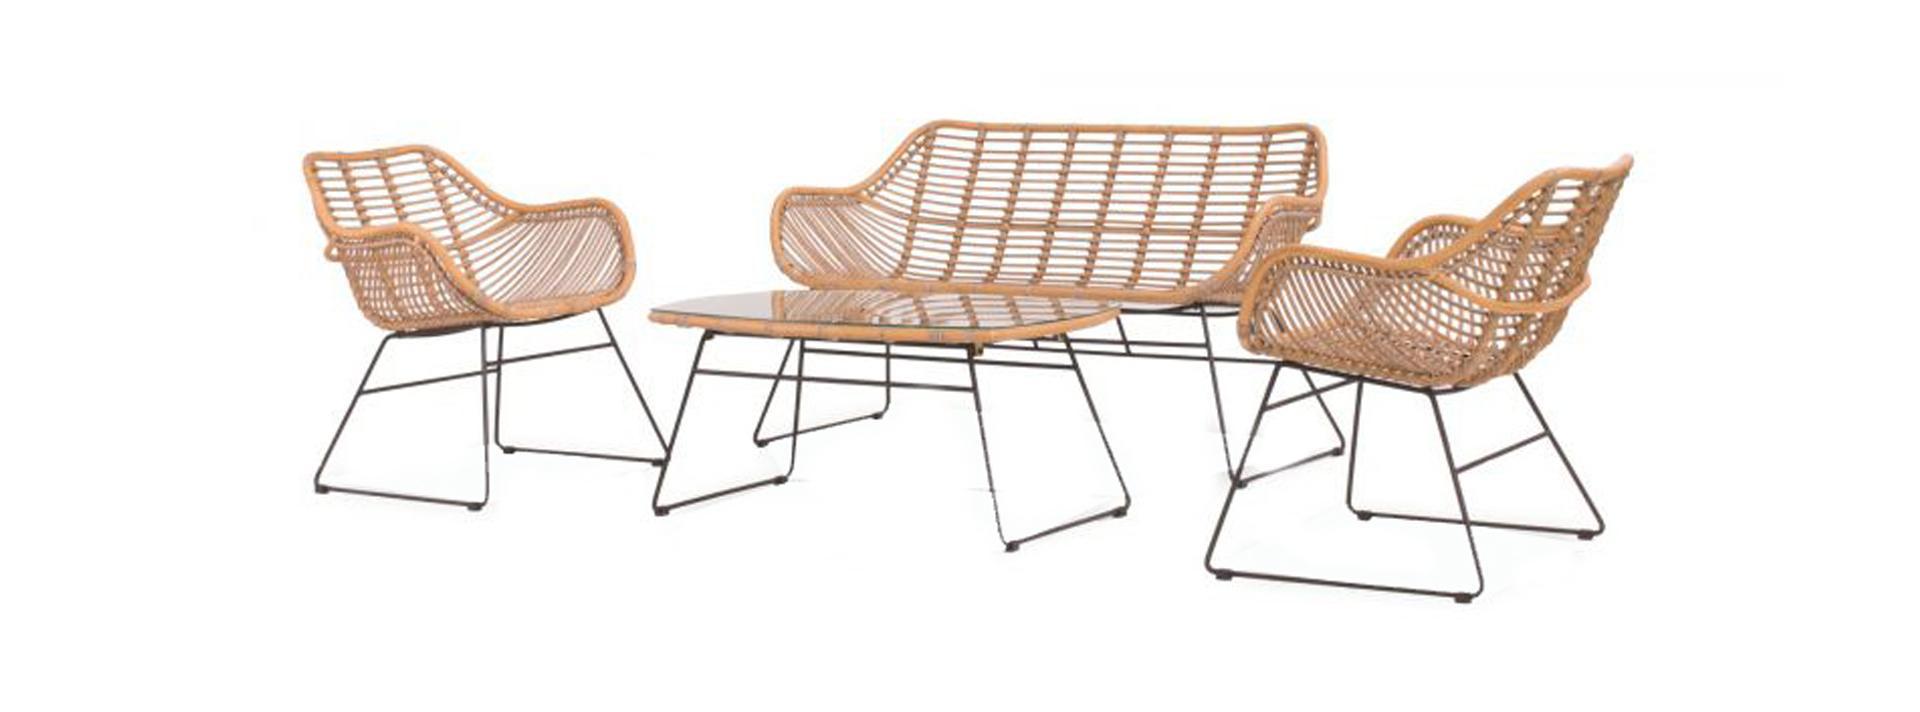 Wates lounge set 4pcs (2x chair bench 67x140x78cm lounge table 100x60x45cm)